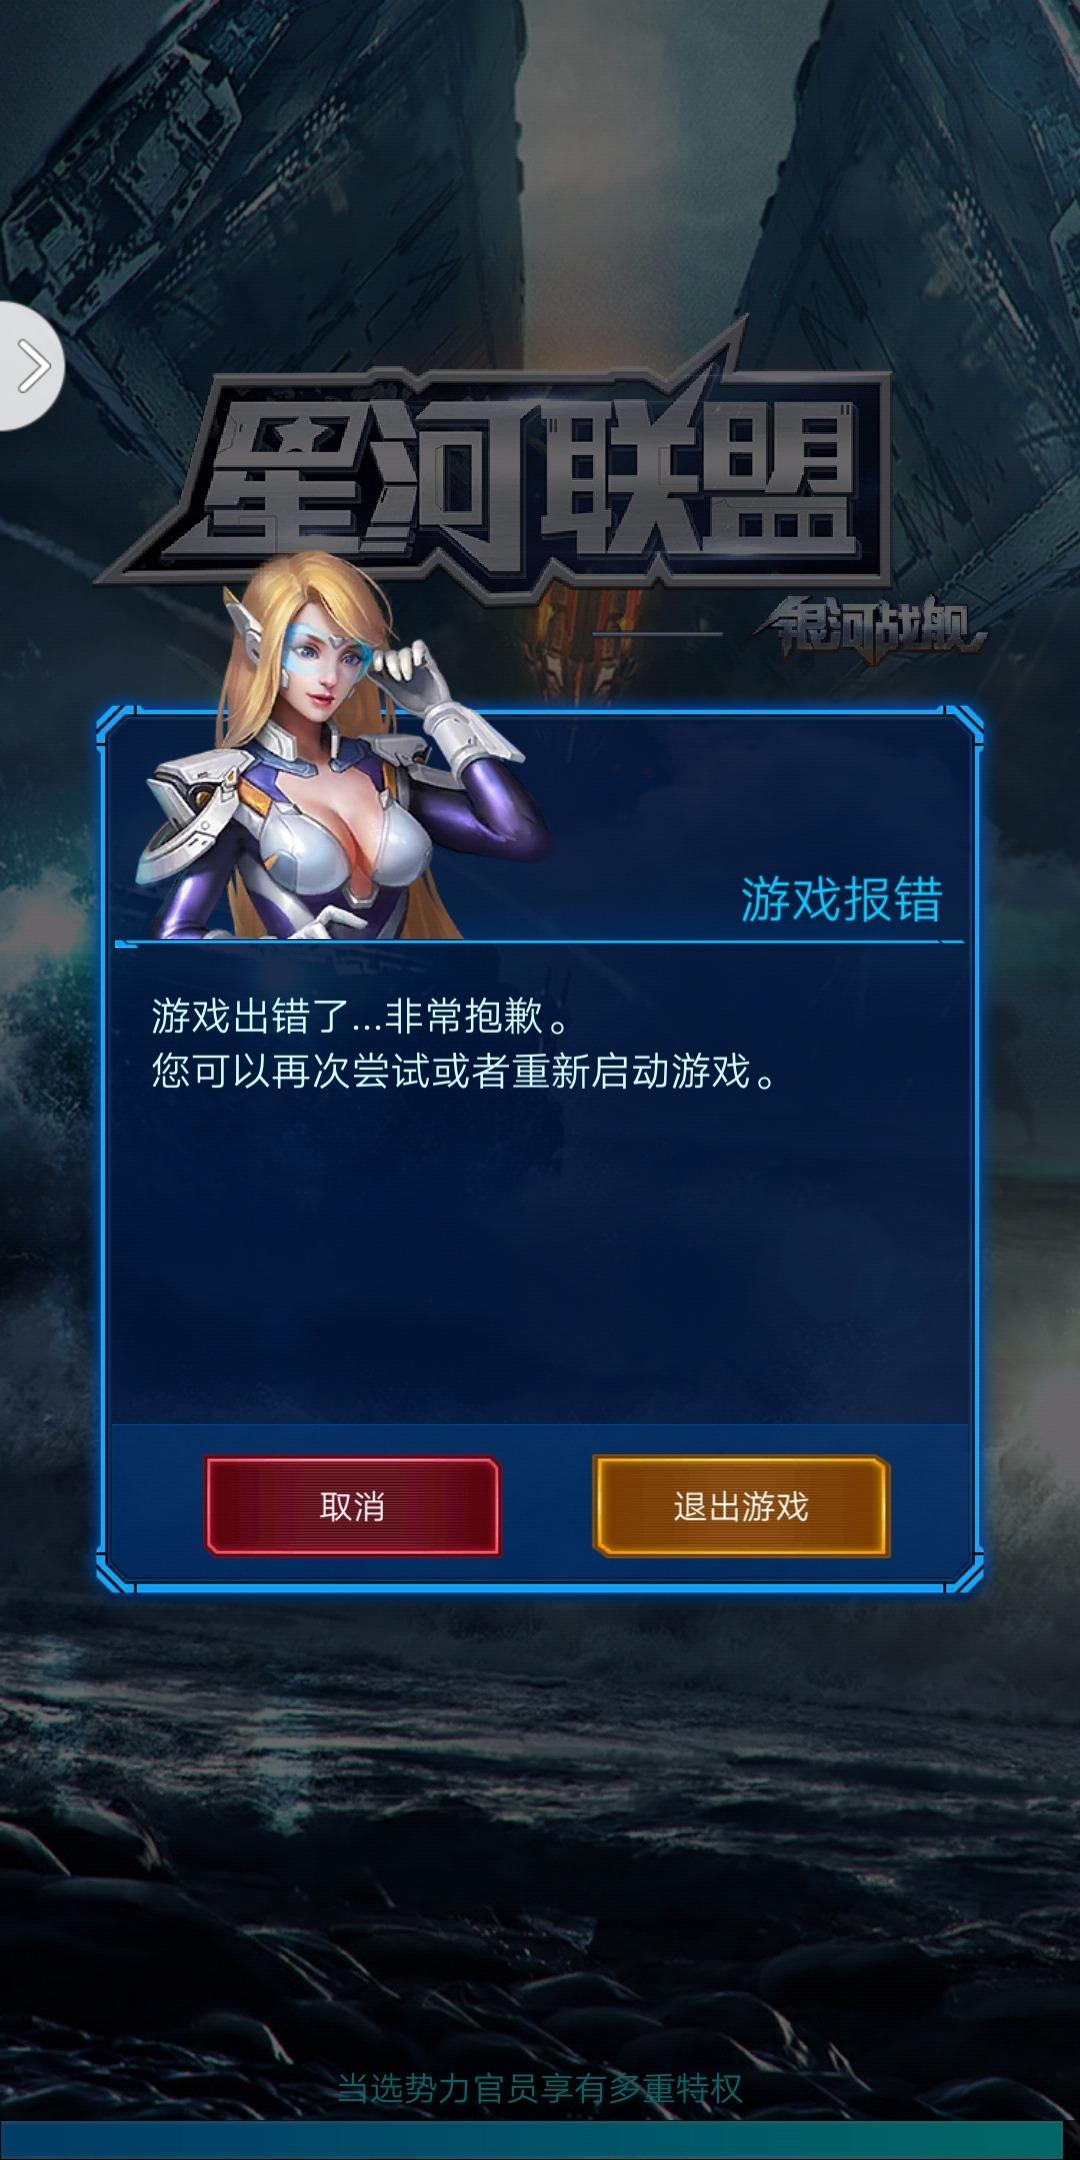 Screenshot_20181211-141213.jpg